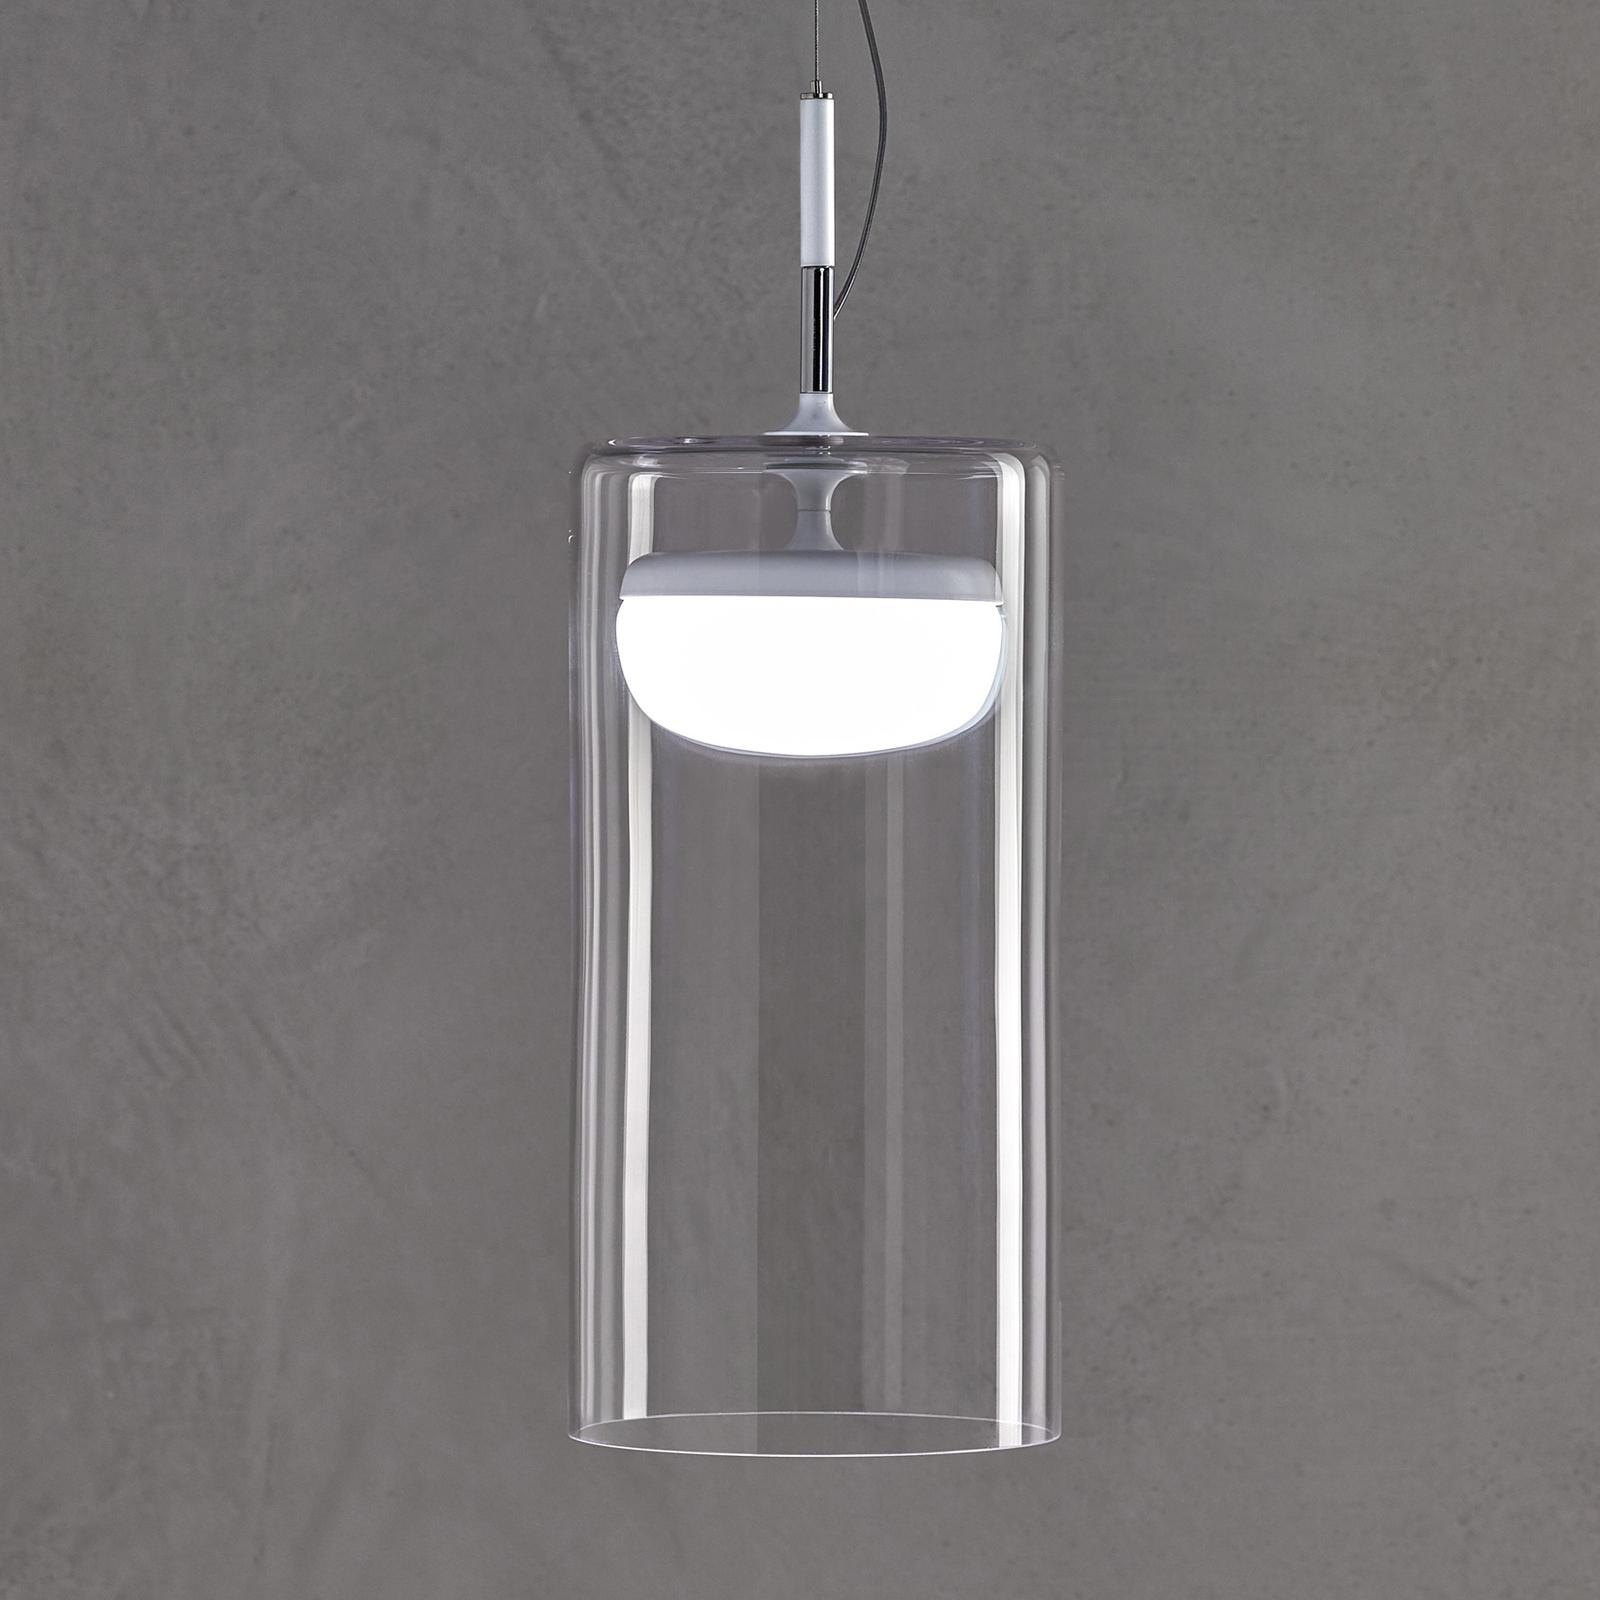 Prandina Diver LED-riippuvalaisin S3 valkoinen